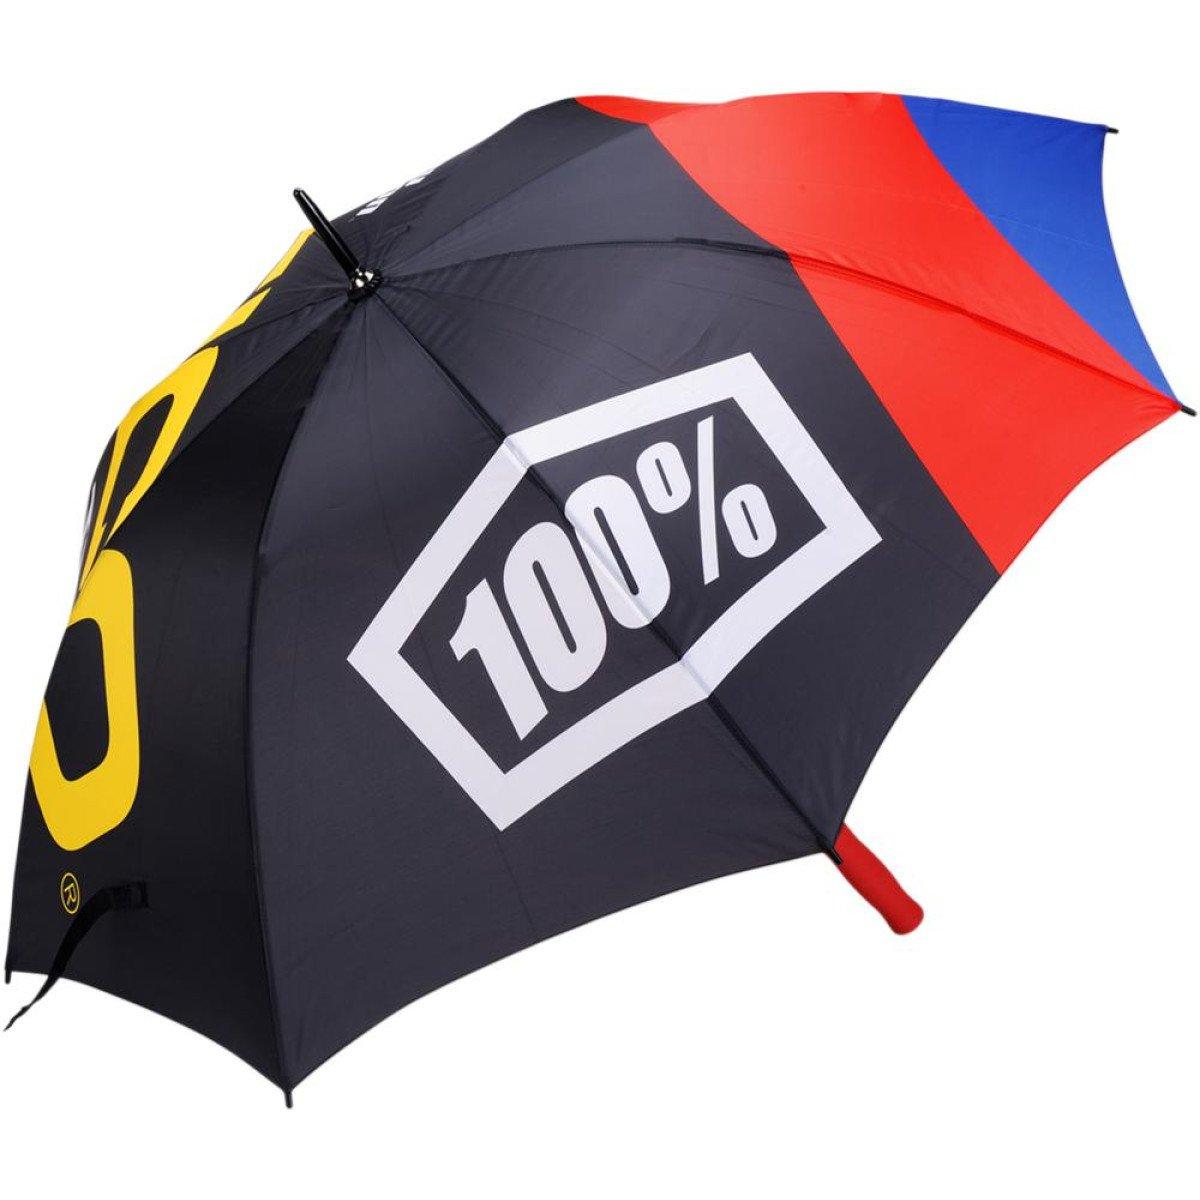 Unbekannt 100% paraguas Geico Honda Negro: Amazon.es: Deportes y aire libre